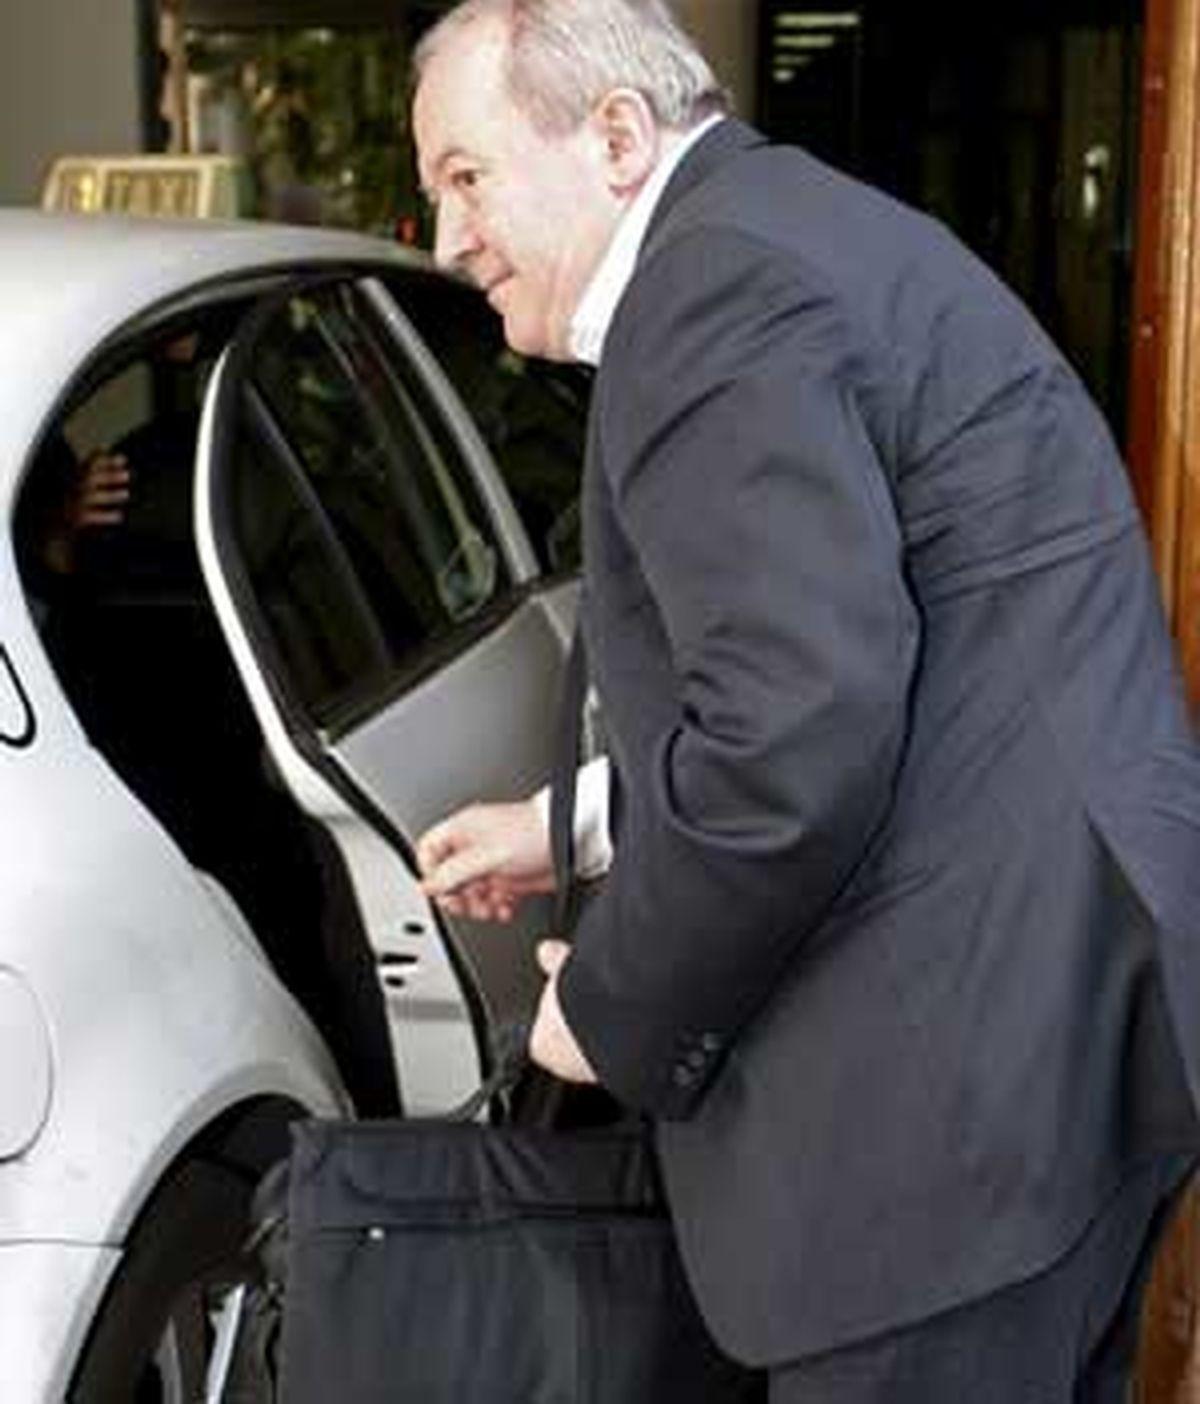 El magistrado Antonio Pedreira en una imagen de archivo. Foto EFE.